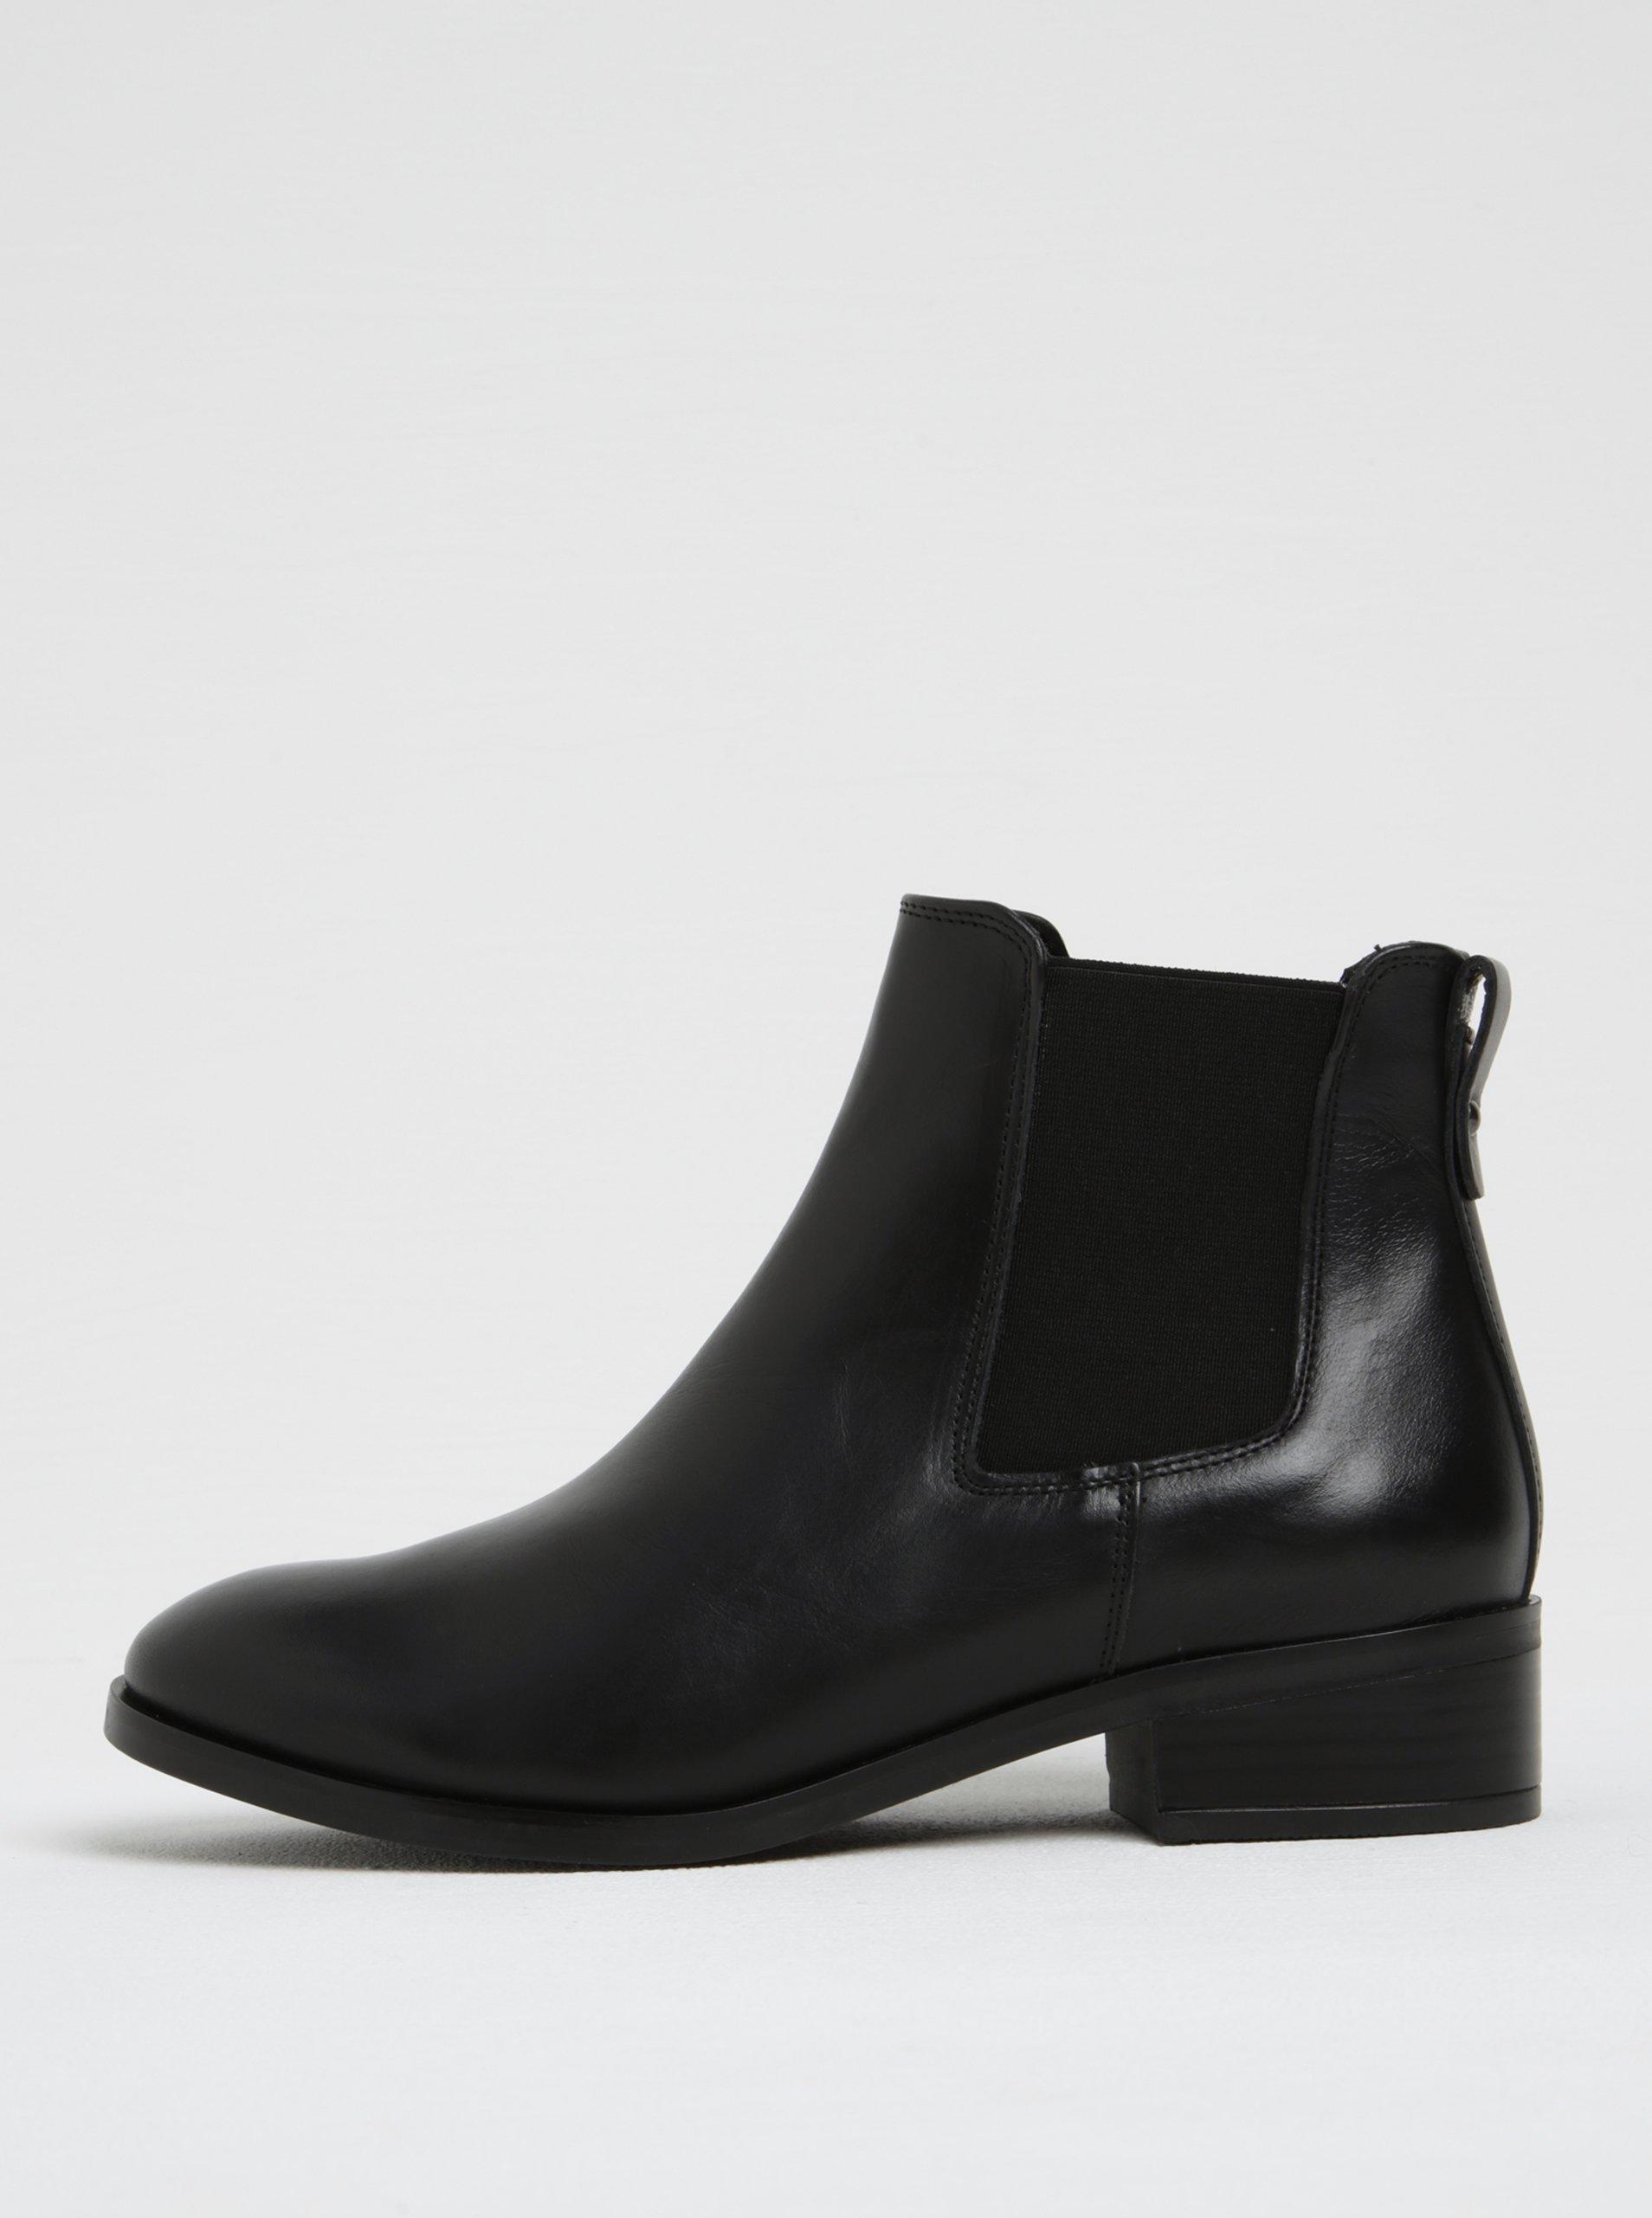 Černé dámské kožené chelsea boty ALDO Meaven